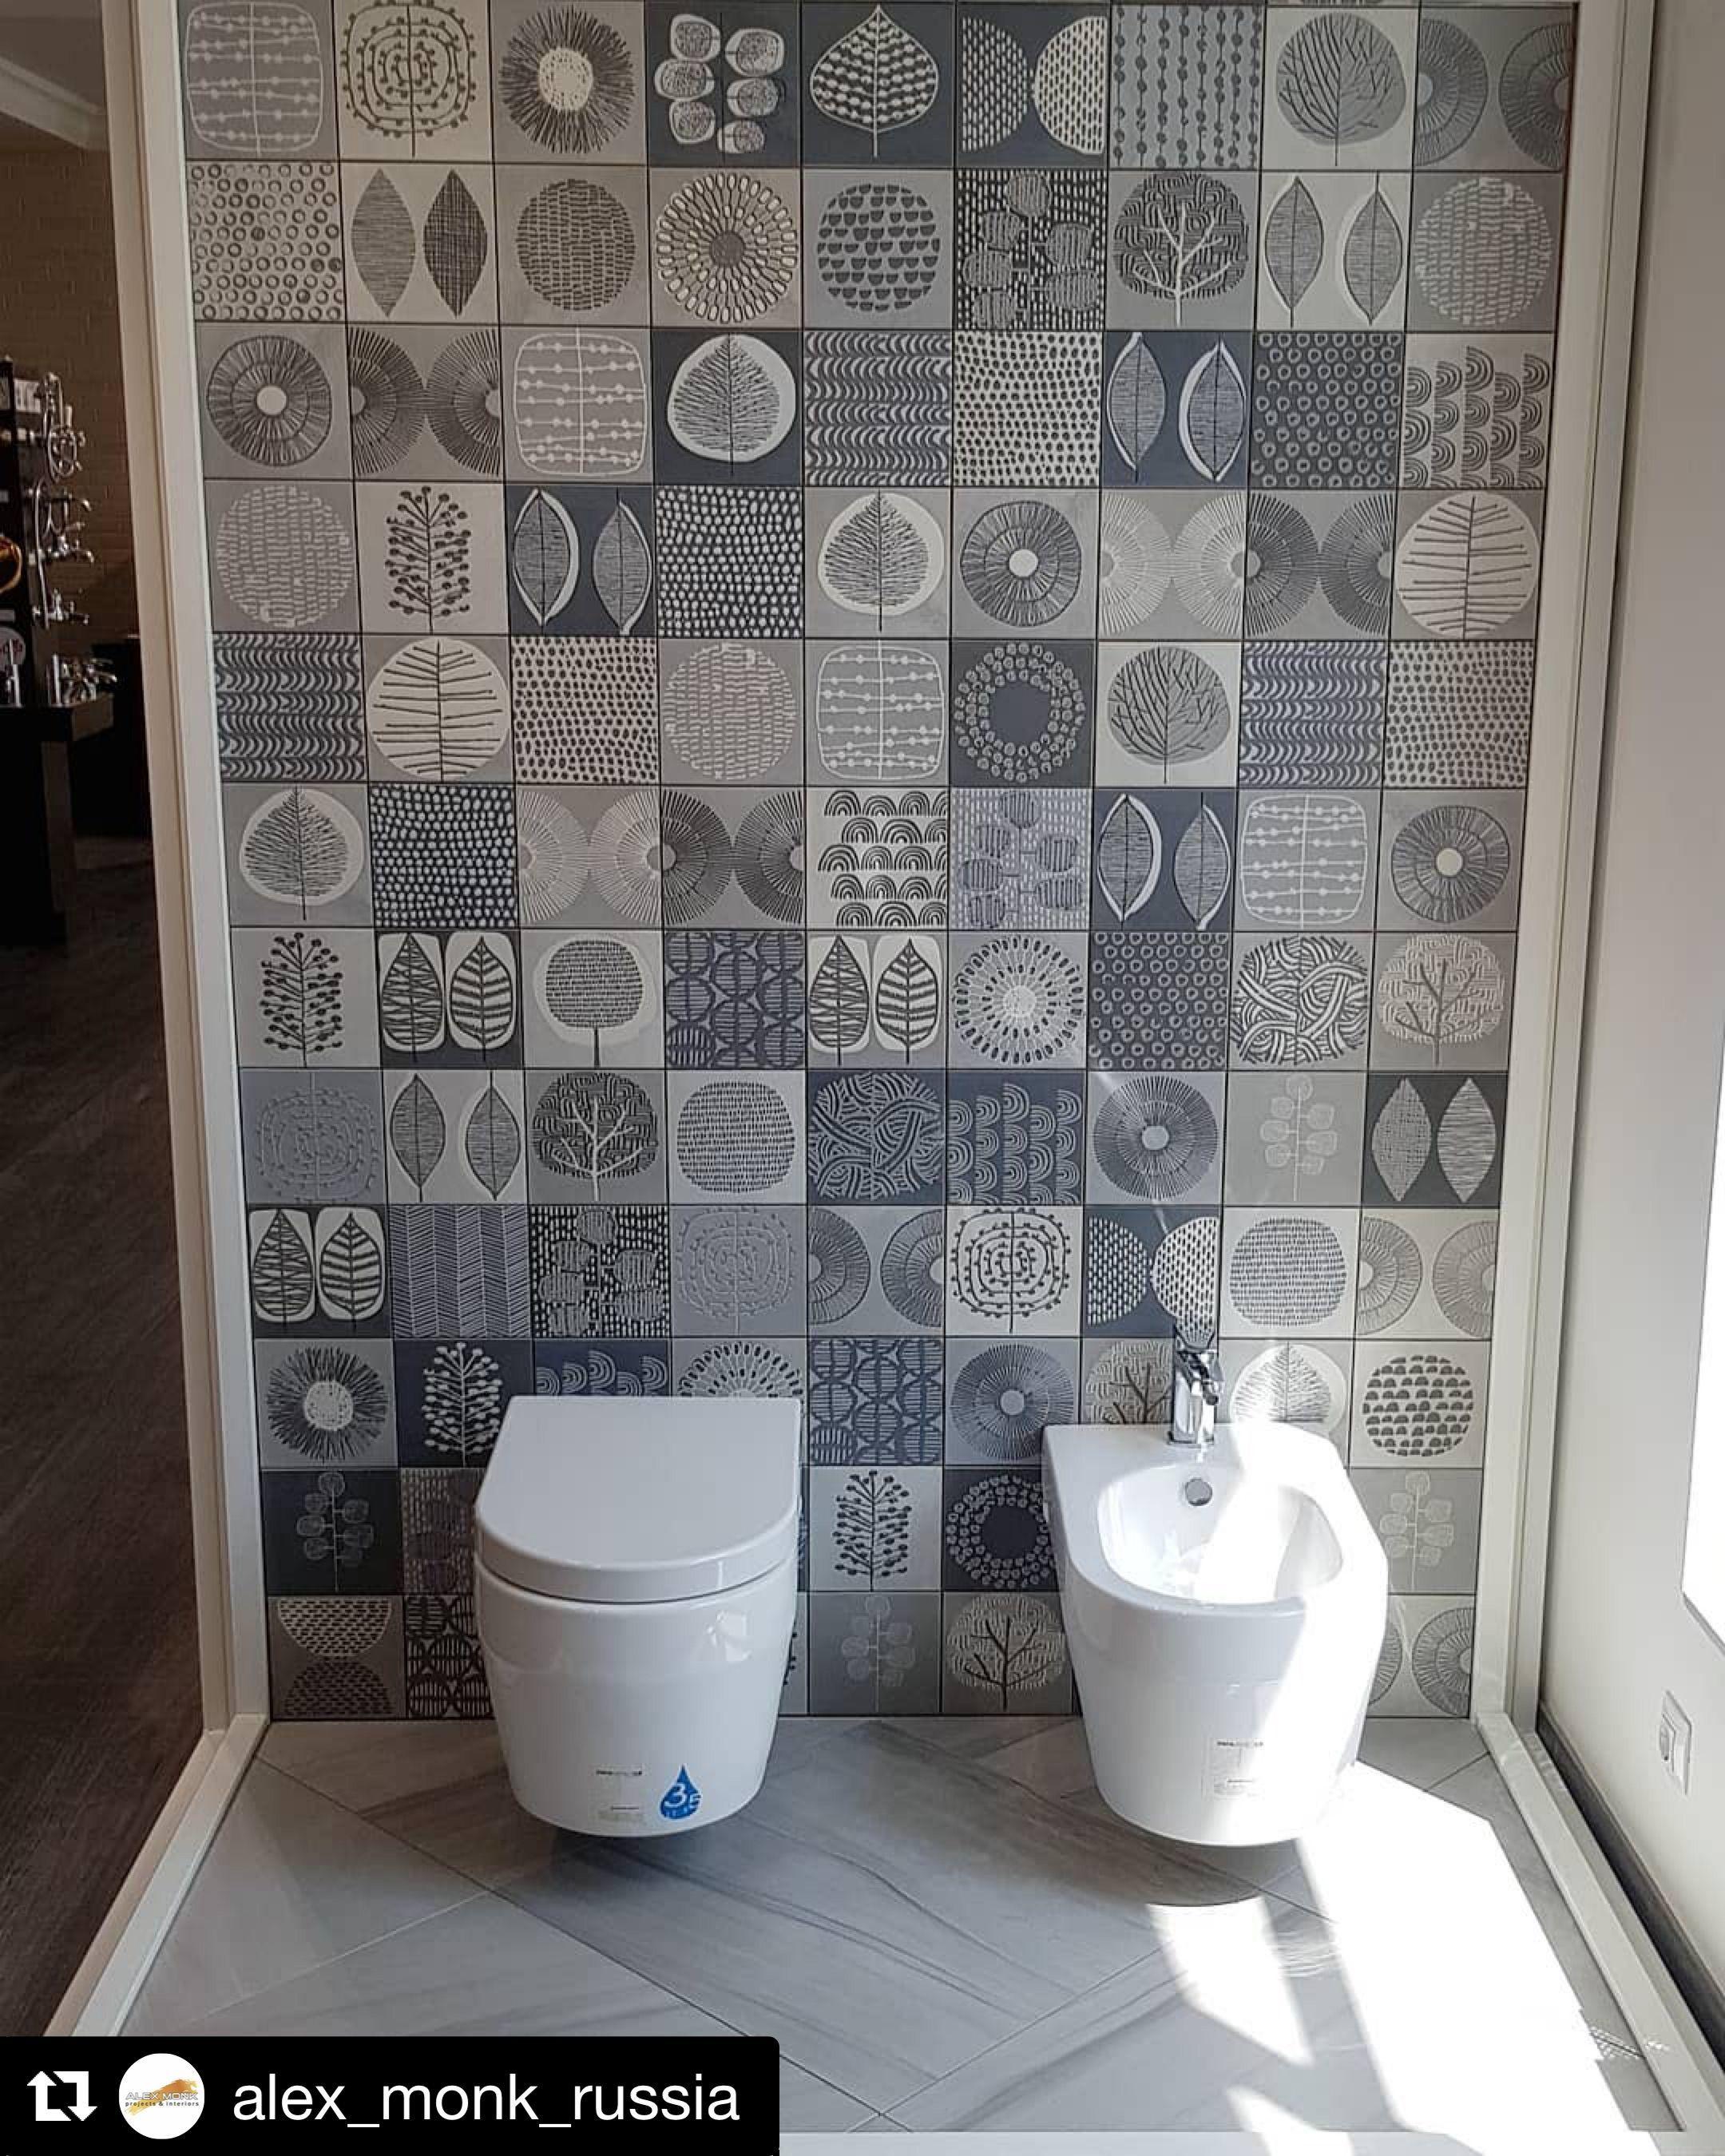 Serie Nairobi de Gayafores  Mediterranean bathroom design ideas